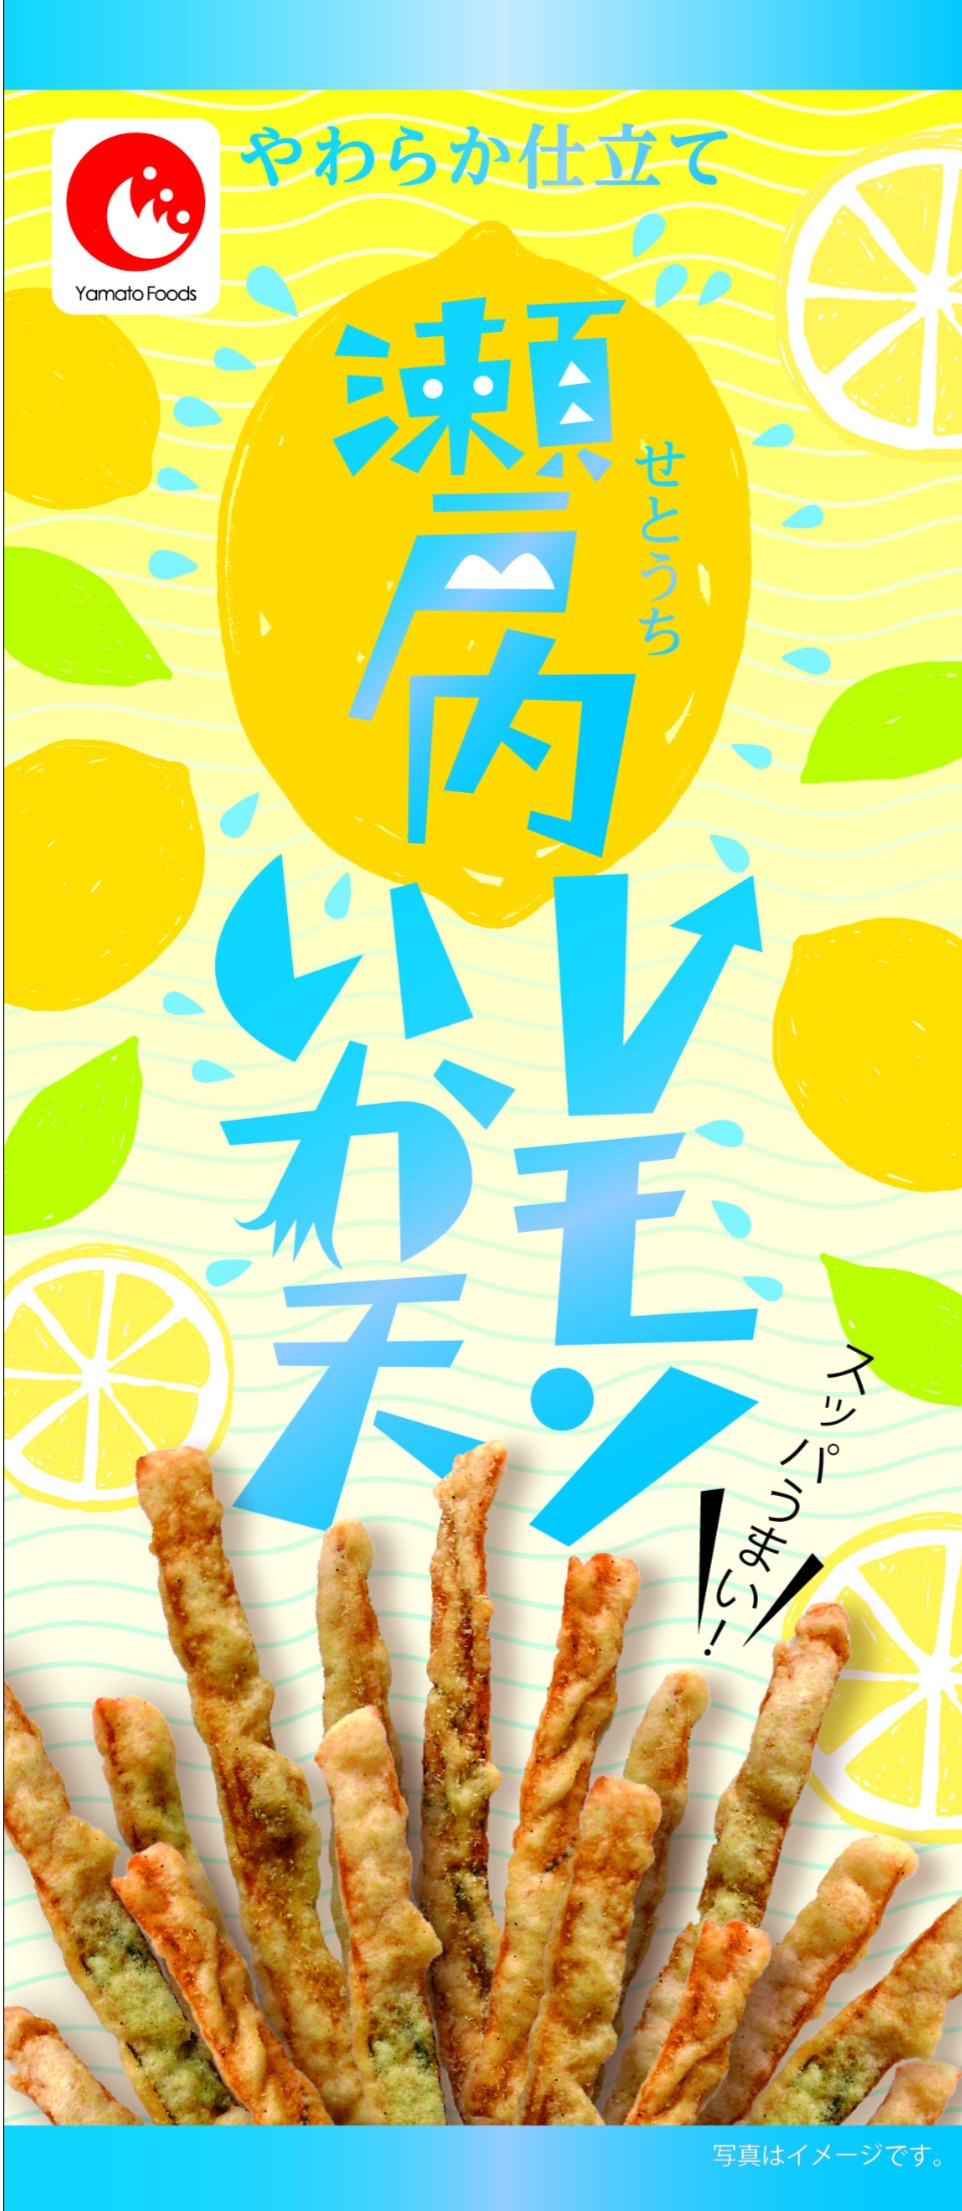 宇都宮パック「瀬戸内レモンイカ天」(ヤマトフーズ)パッケージ